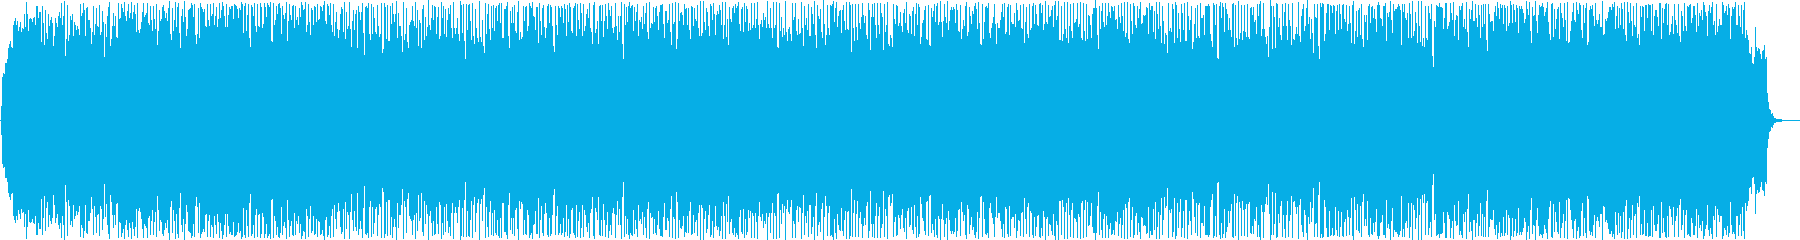 物語の始まりを告げるような明るく元気な曲の再生済みの波形